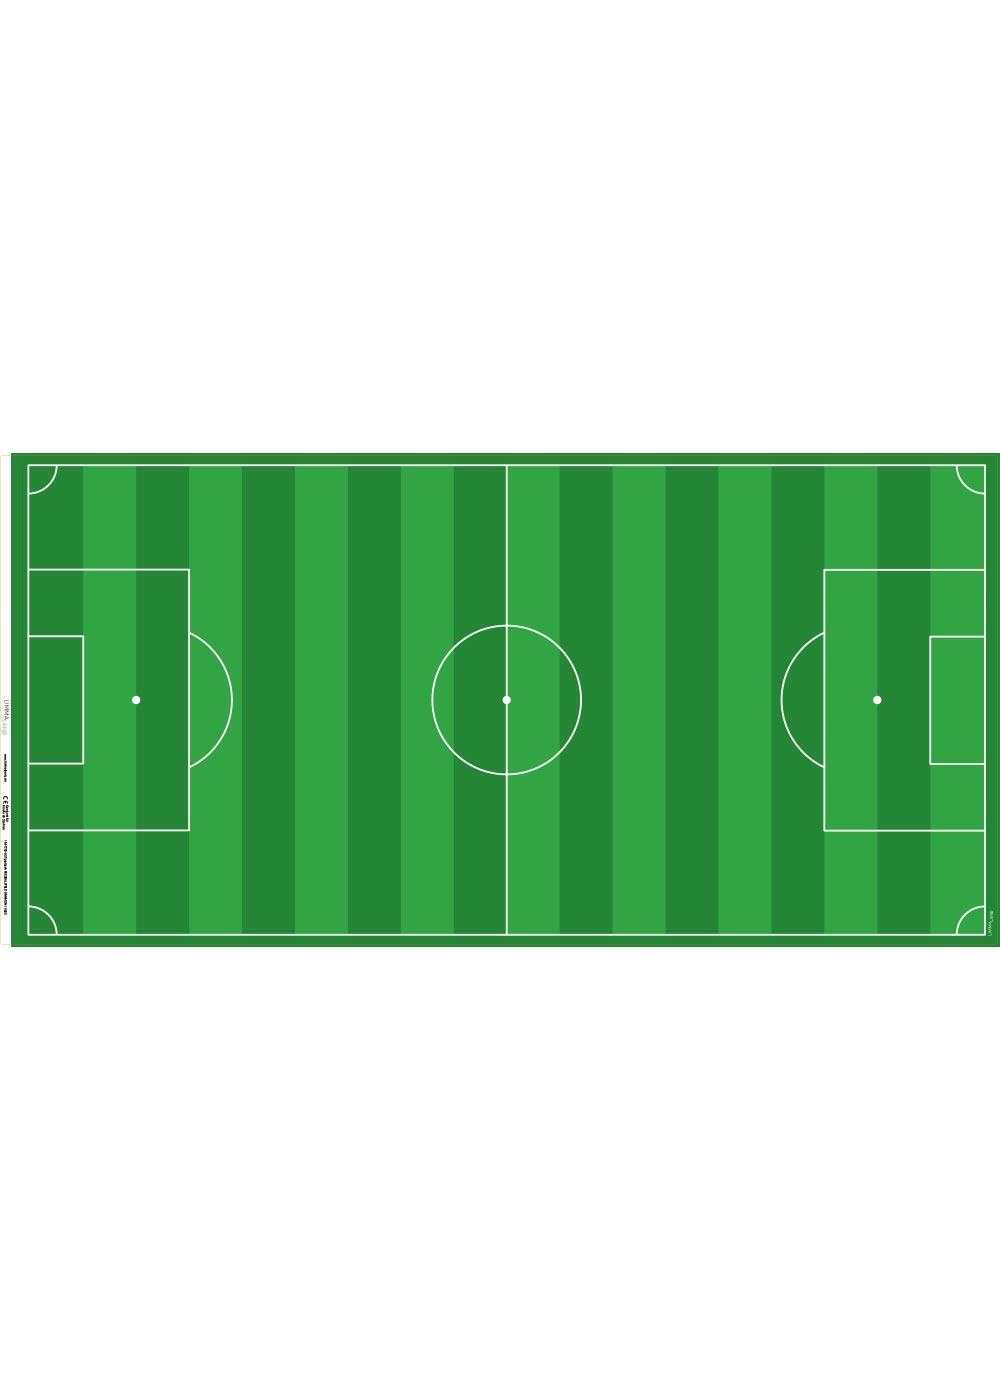 Ikea Dundra Spieltisch Fussballfeld gün Druckvorlage